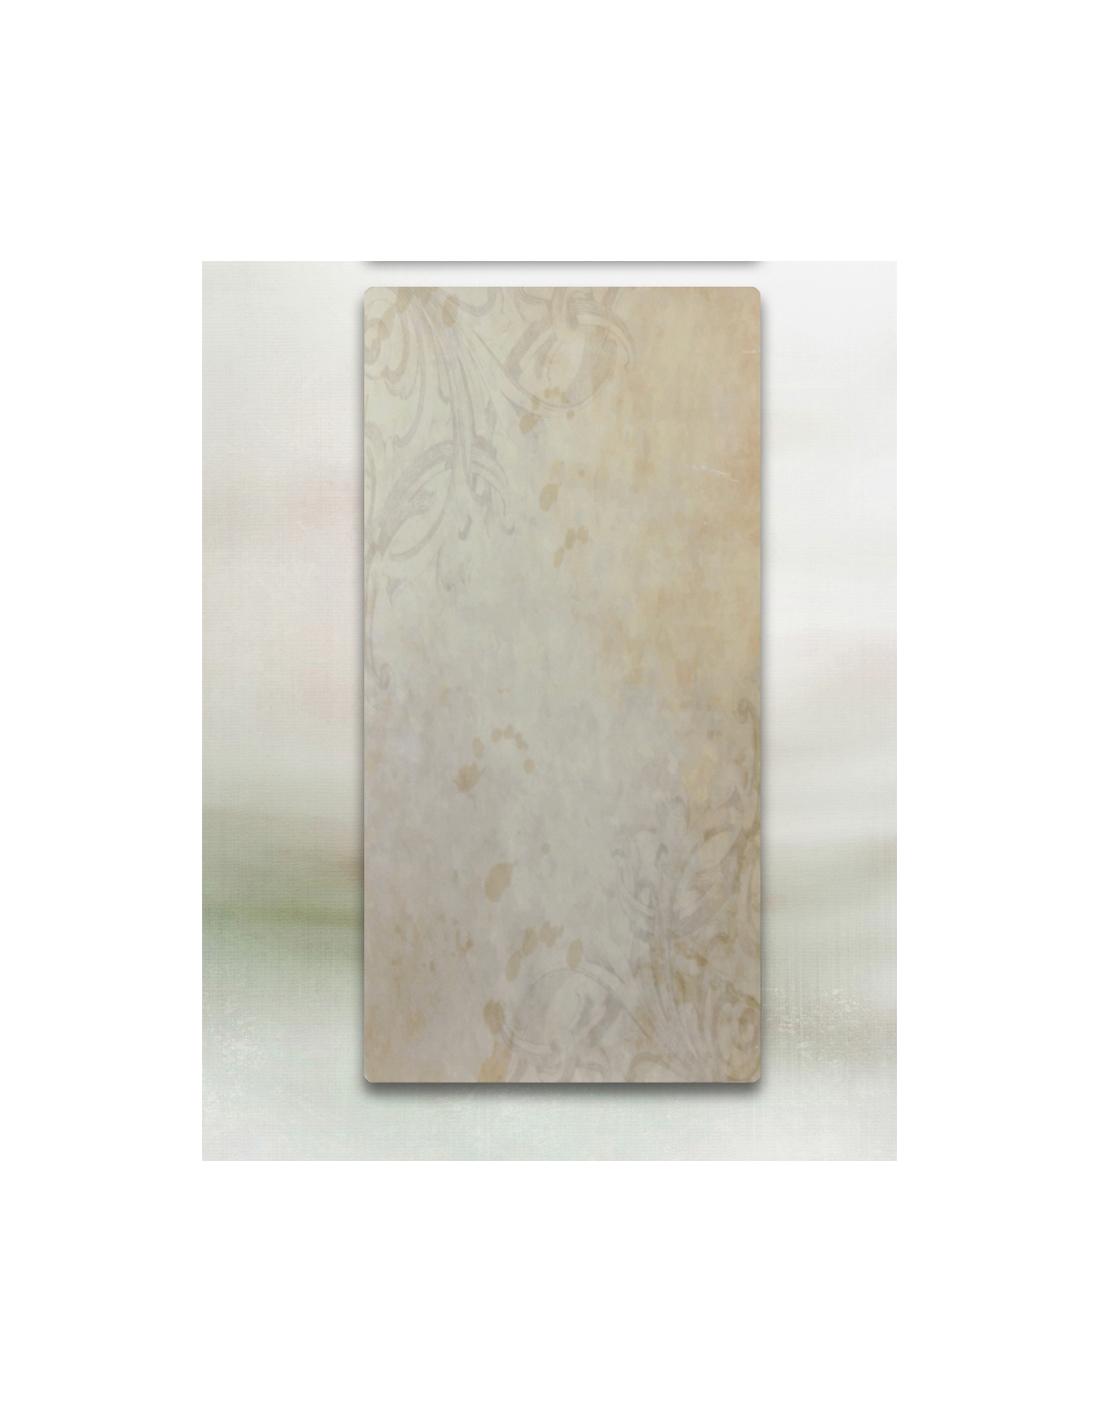 Comprar cubreradiador aluminio impresi n digital - Comprar decoracion vintage ...